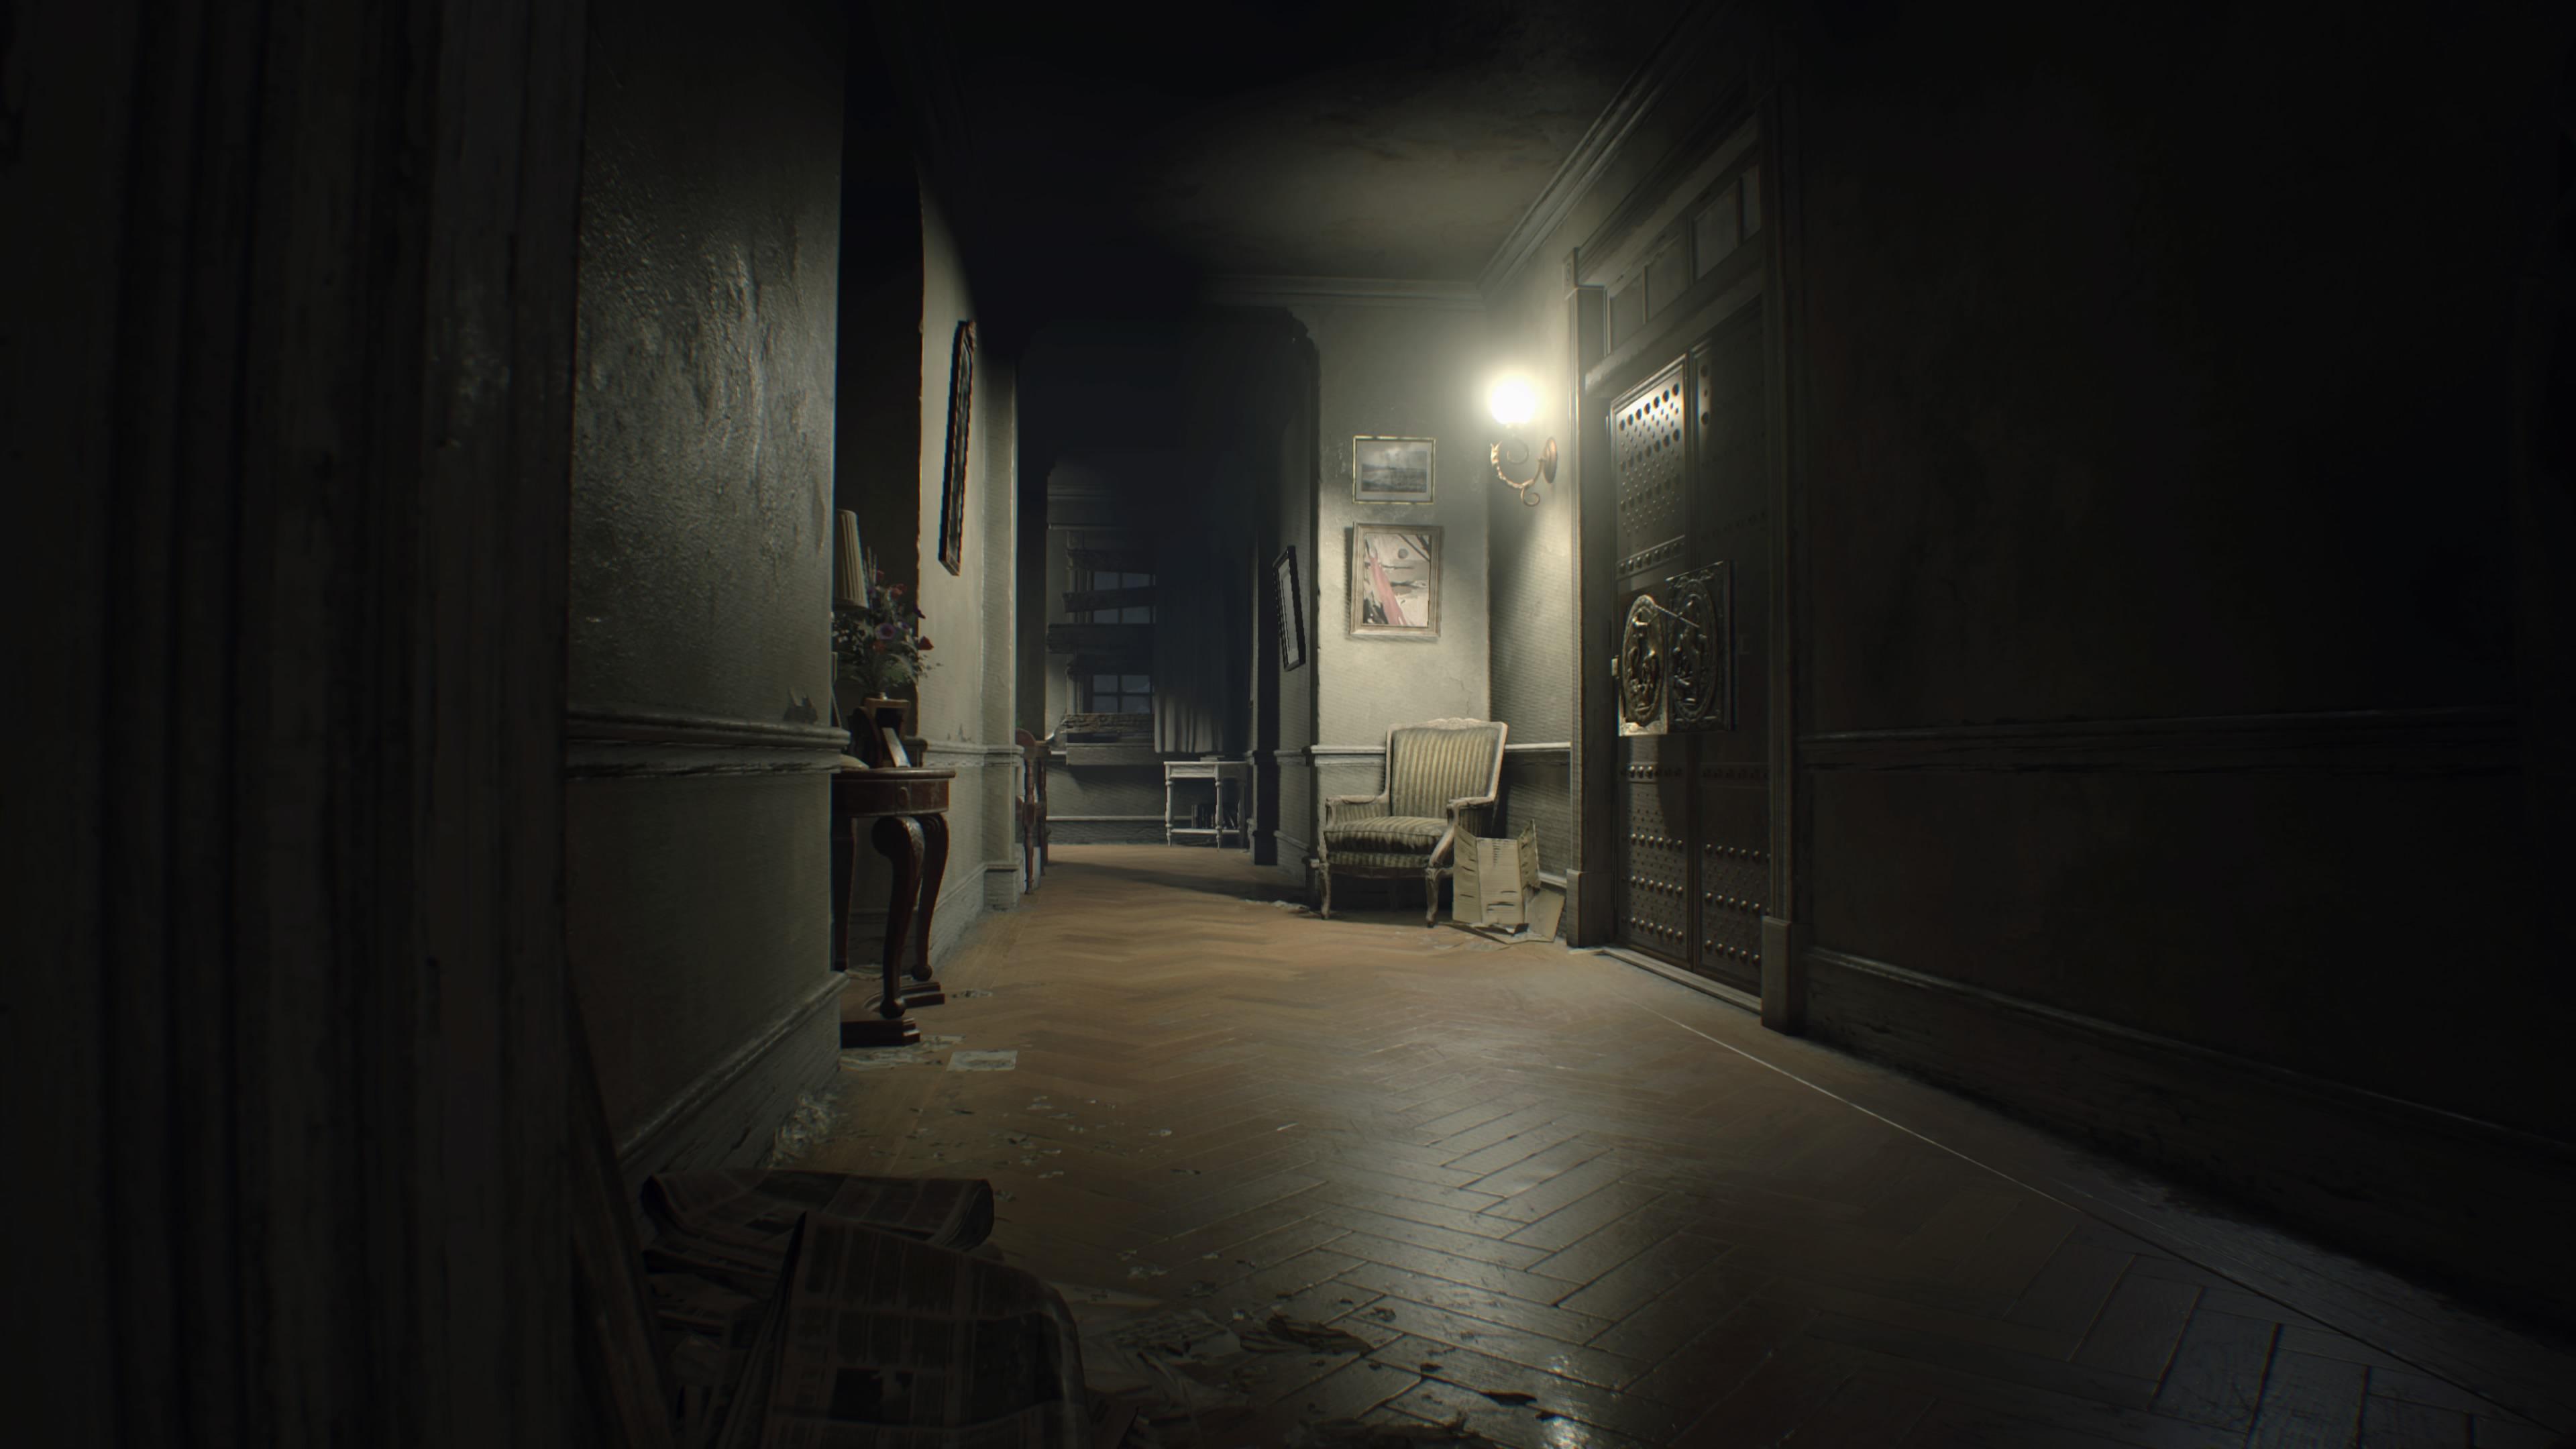 RESIDENT EVIL 7 biohazard 20170118144925 - أفضل ألعاب النجاة من الصعوبات الهائلة على Resident Evil 7 biohazard - PS4